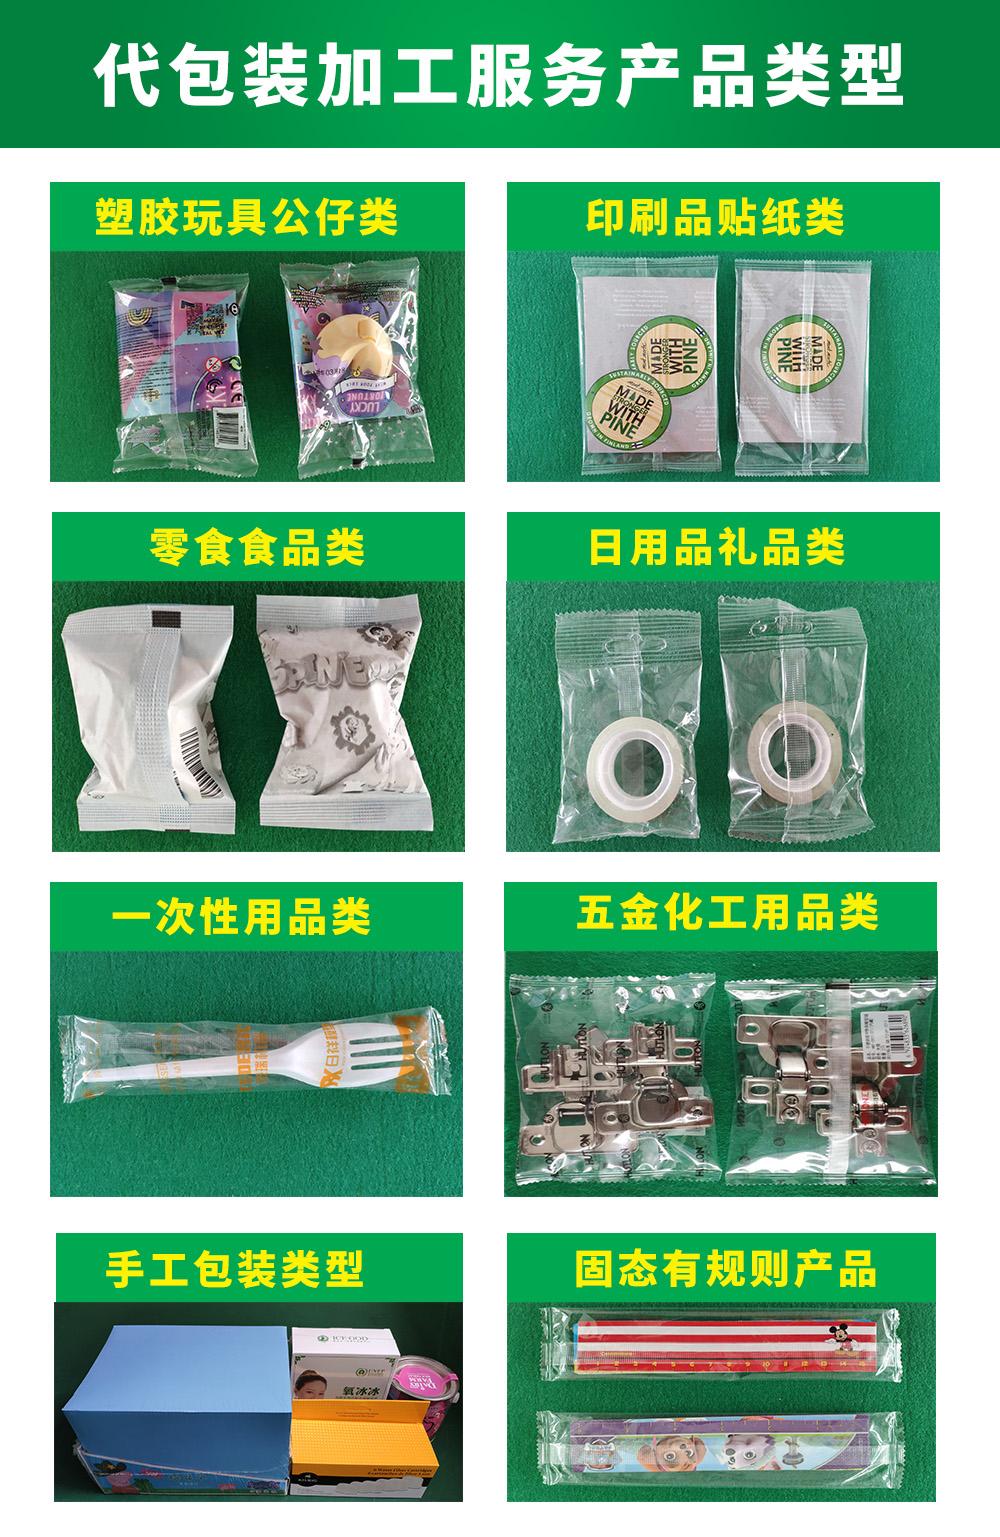 包装加工服务产品类型